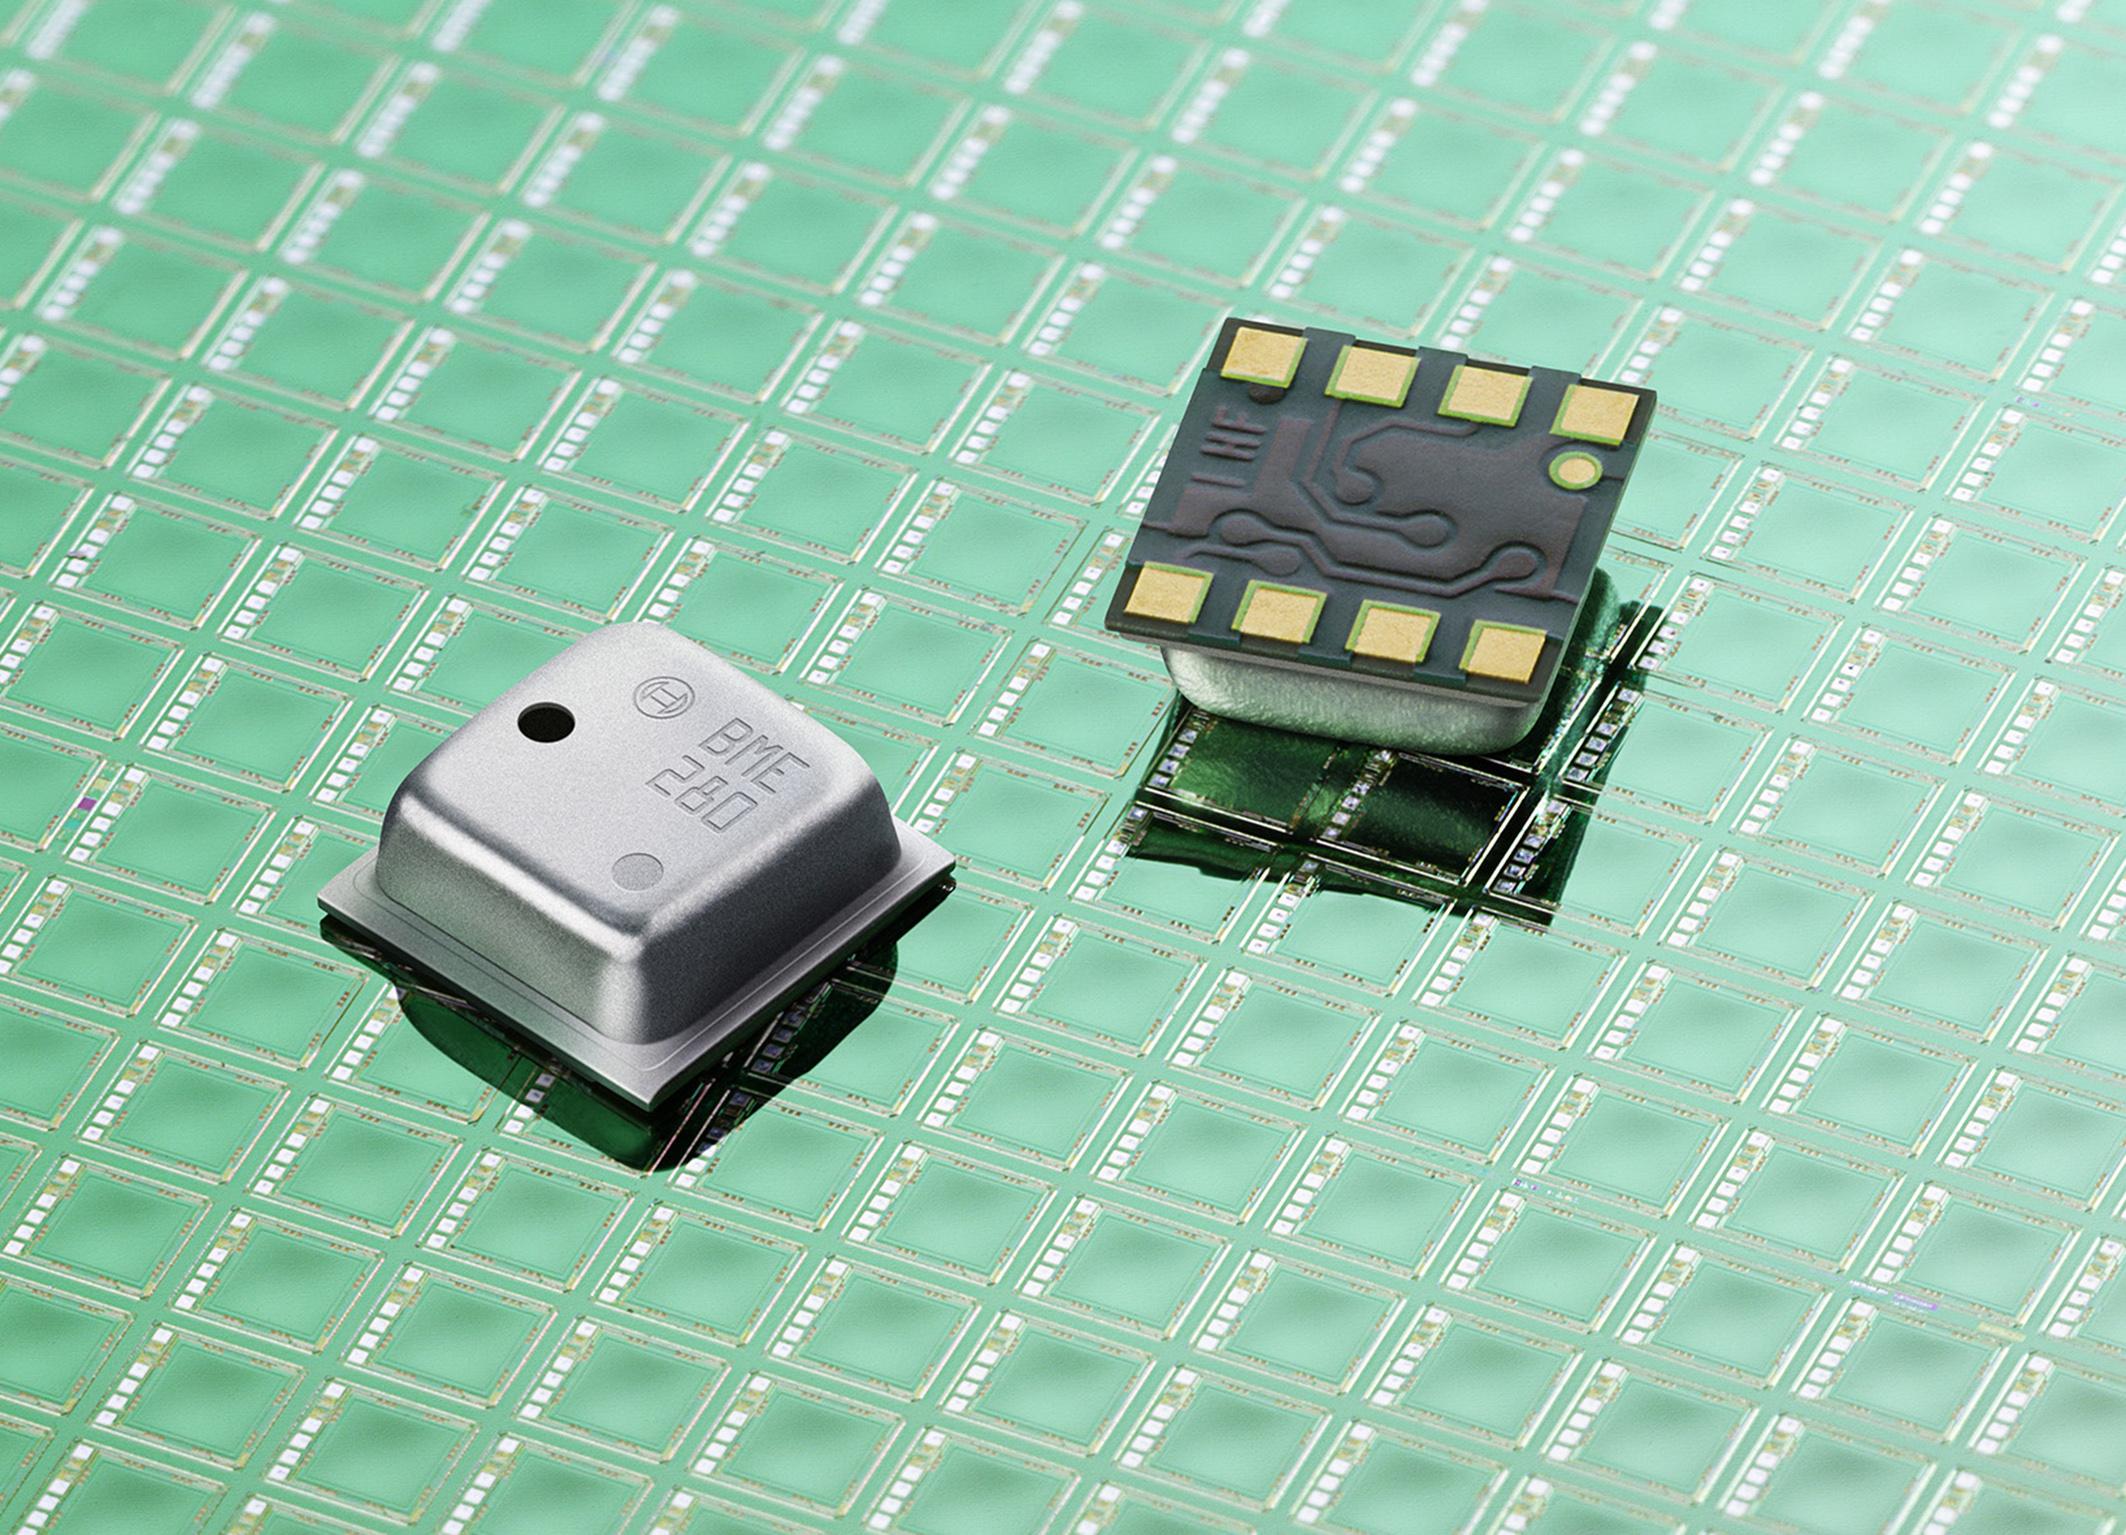 BME280 von Bosch Sensortec kombiniert Messung von Druck, Luftfeuchtigkeit und Temperatur